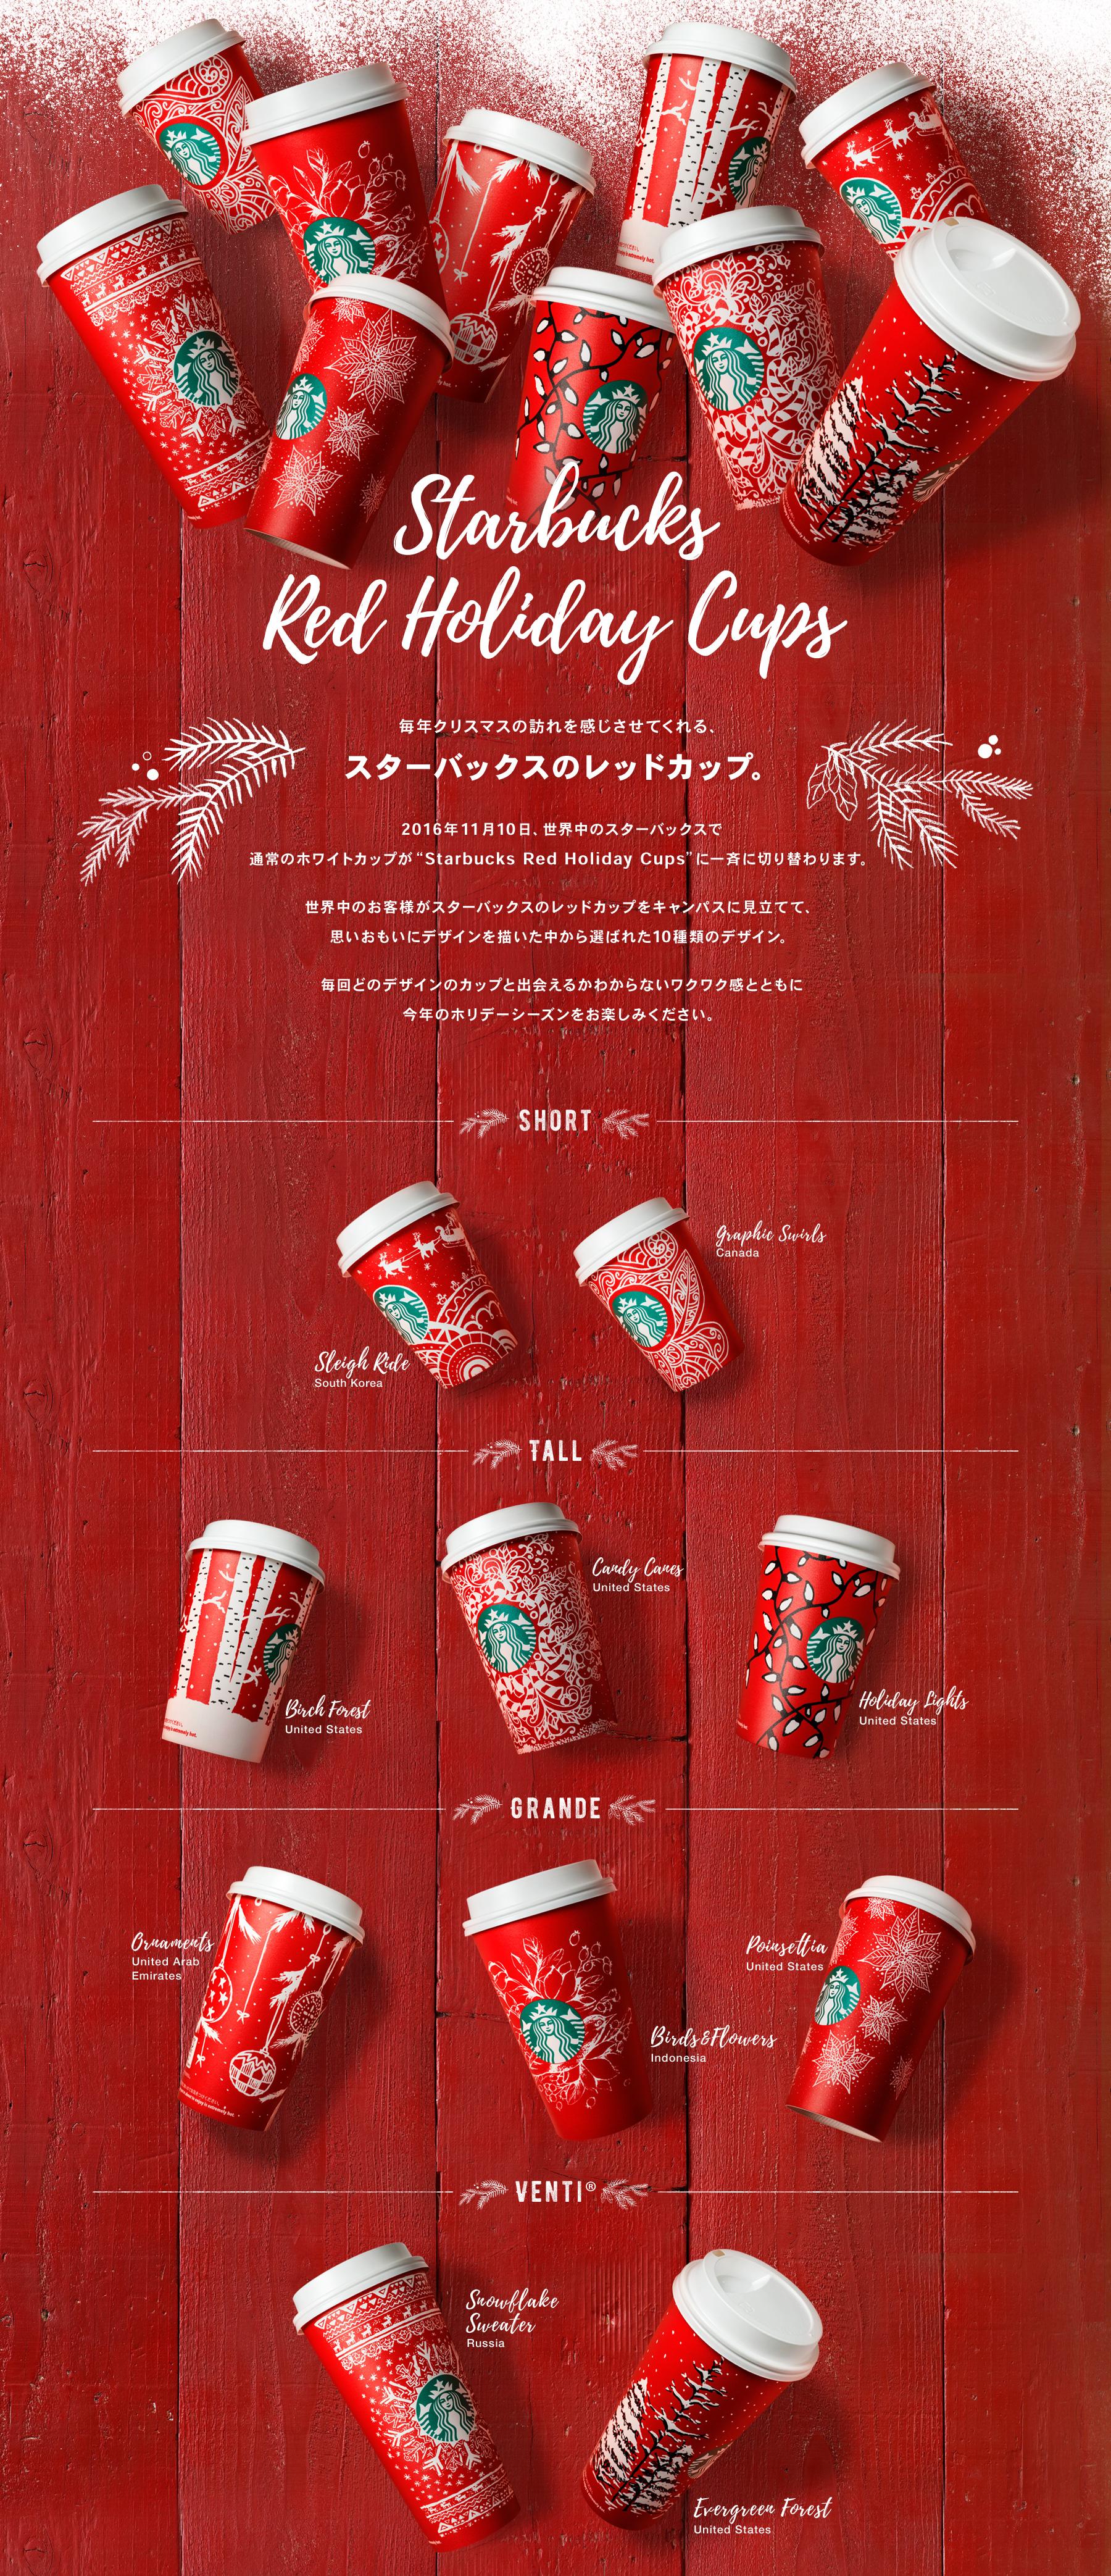 圖片來源:Starbucks Coffee Japan 官方網站